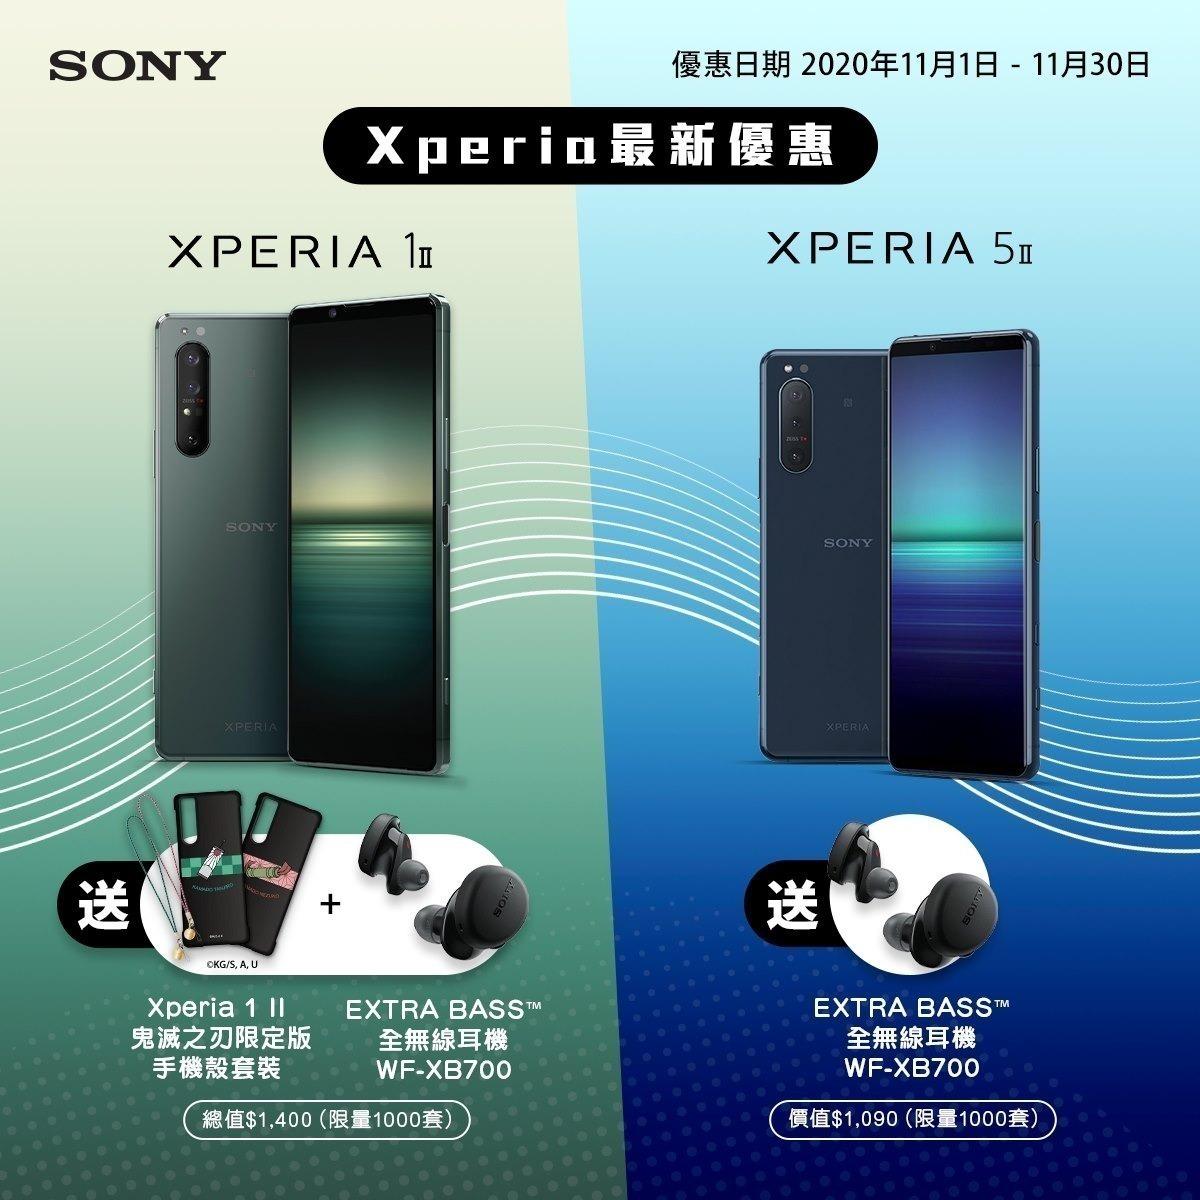 Xperia 1 II / Xperia 5 II 新推買機限時優惠  送《 鬼滅之刃 》機殻夠潮